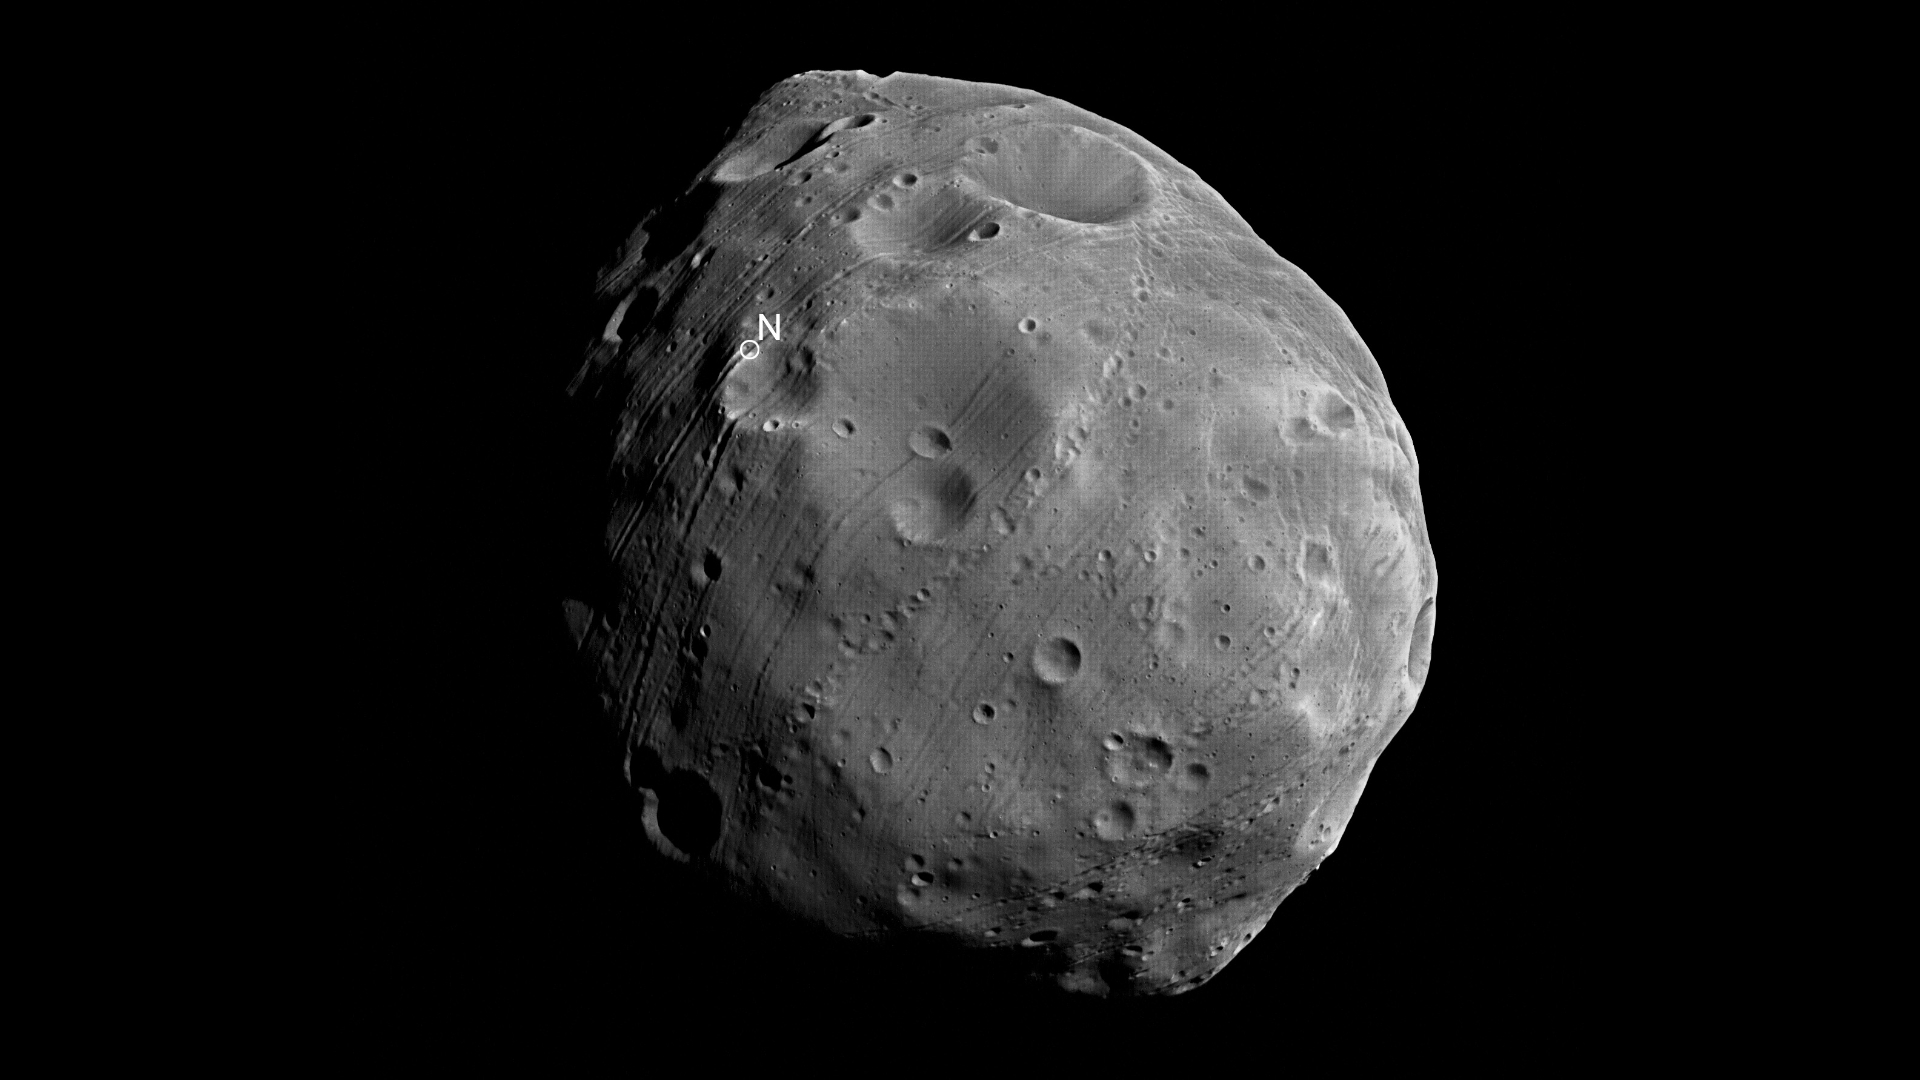 Que sait-on de Martian Moons Exploration, la mission spatiale japonaise ?